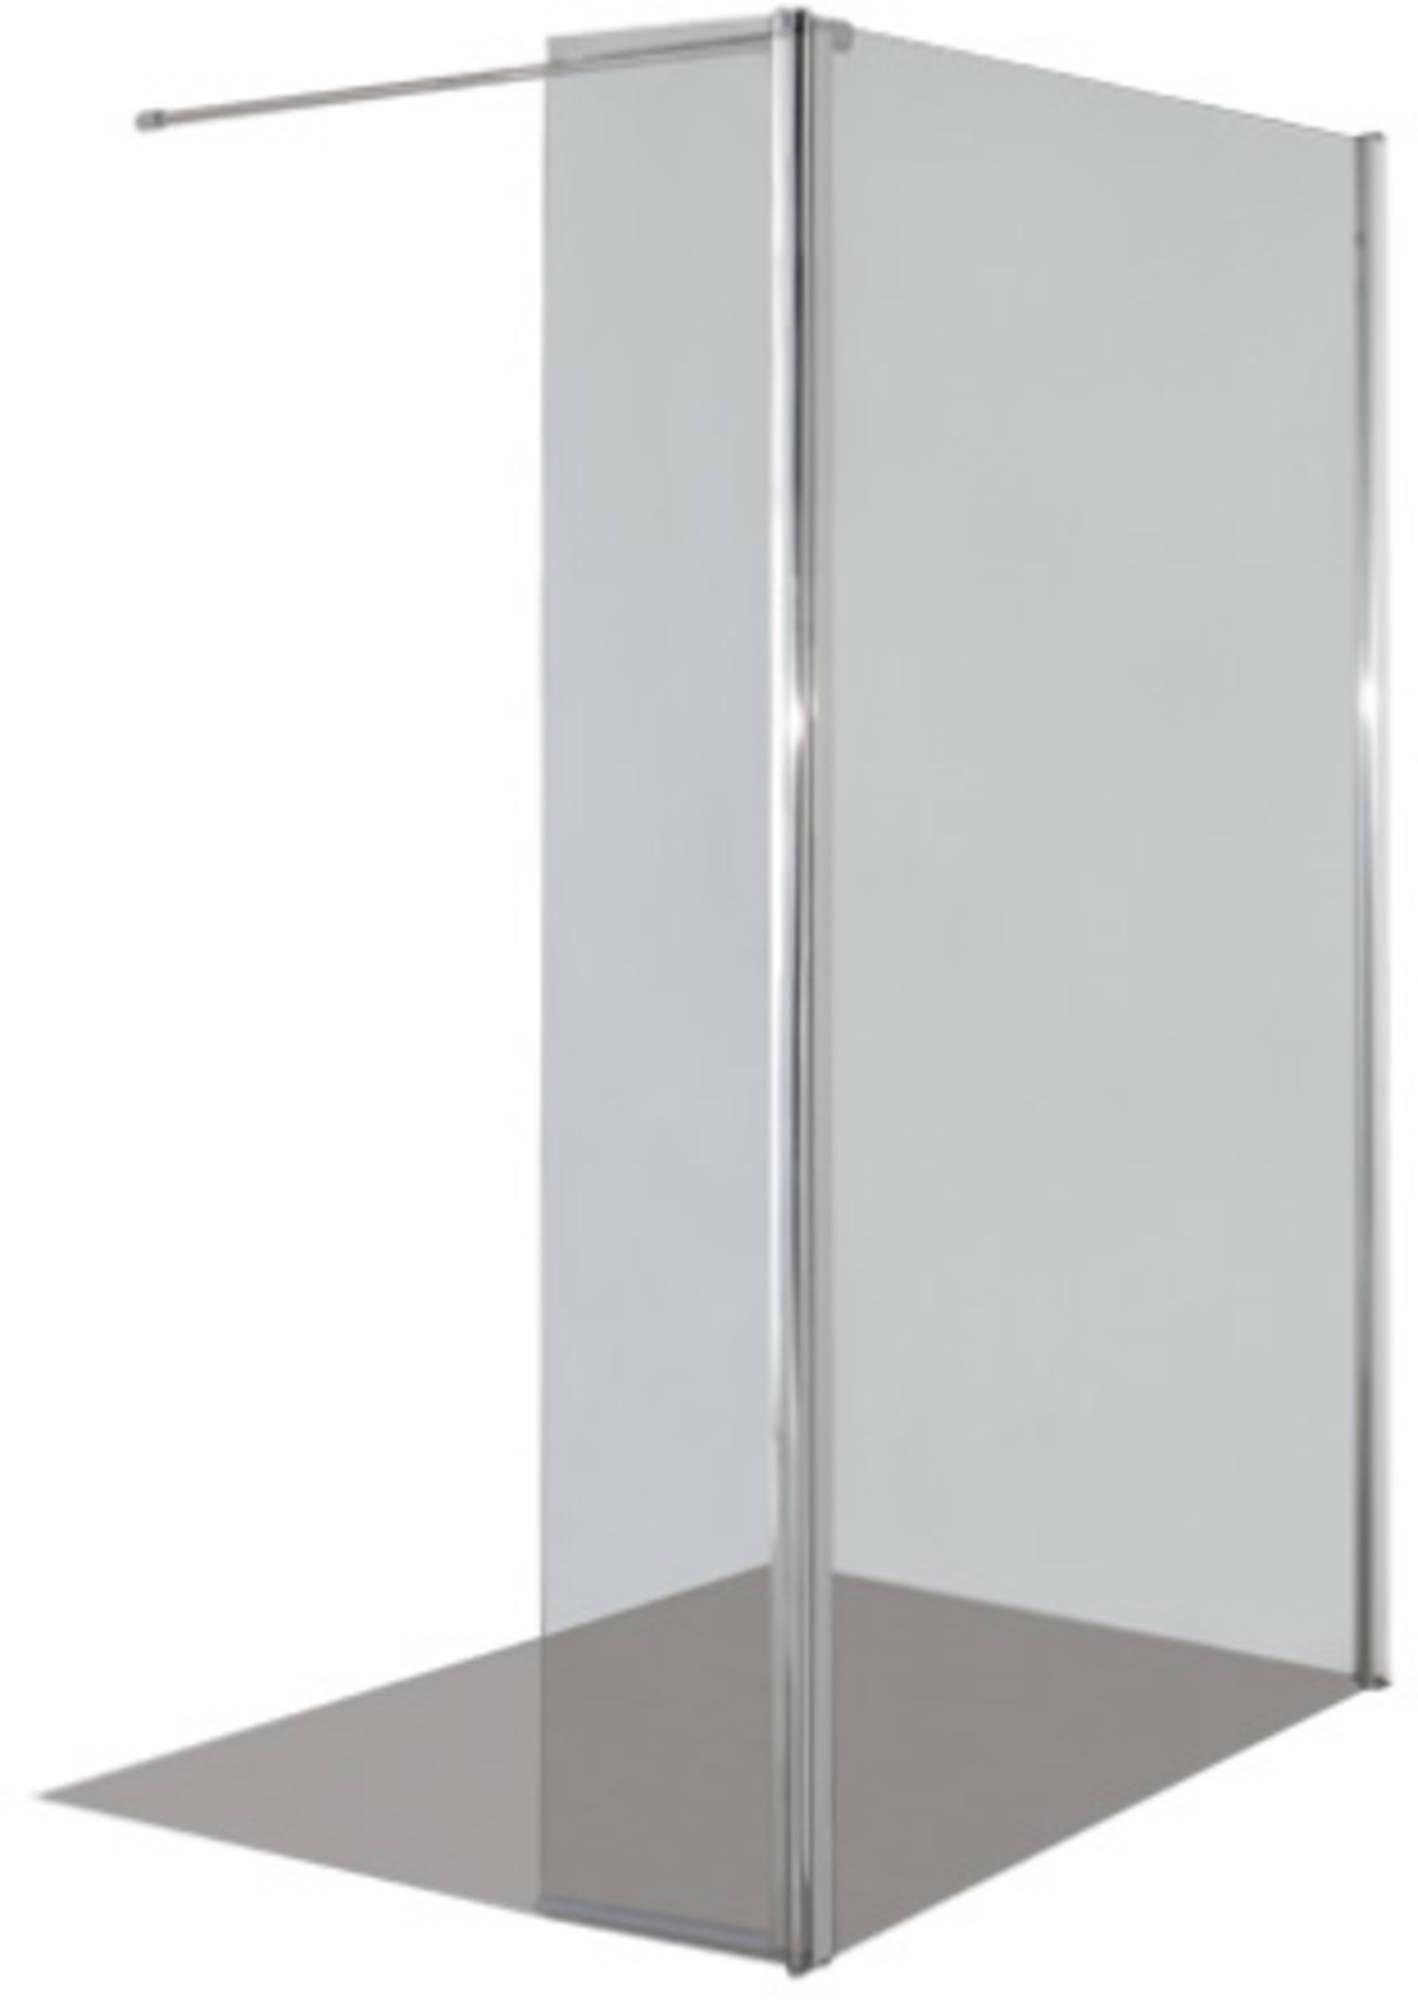 saqu sizzano inloopdouche 120 30x200 cm aluminium gepolijst